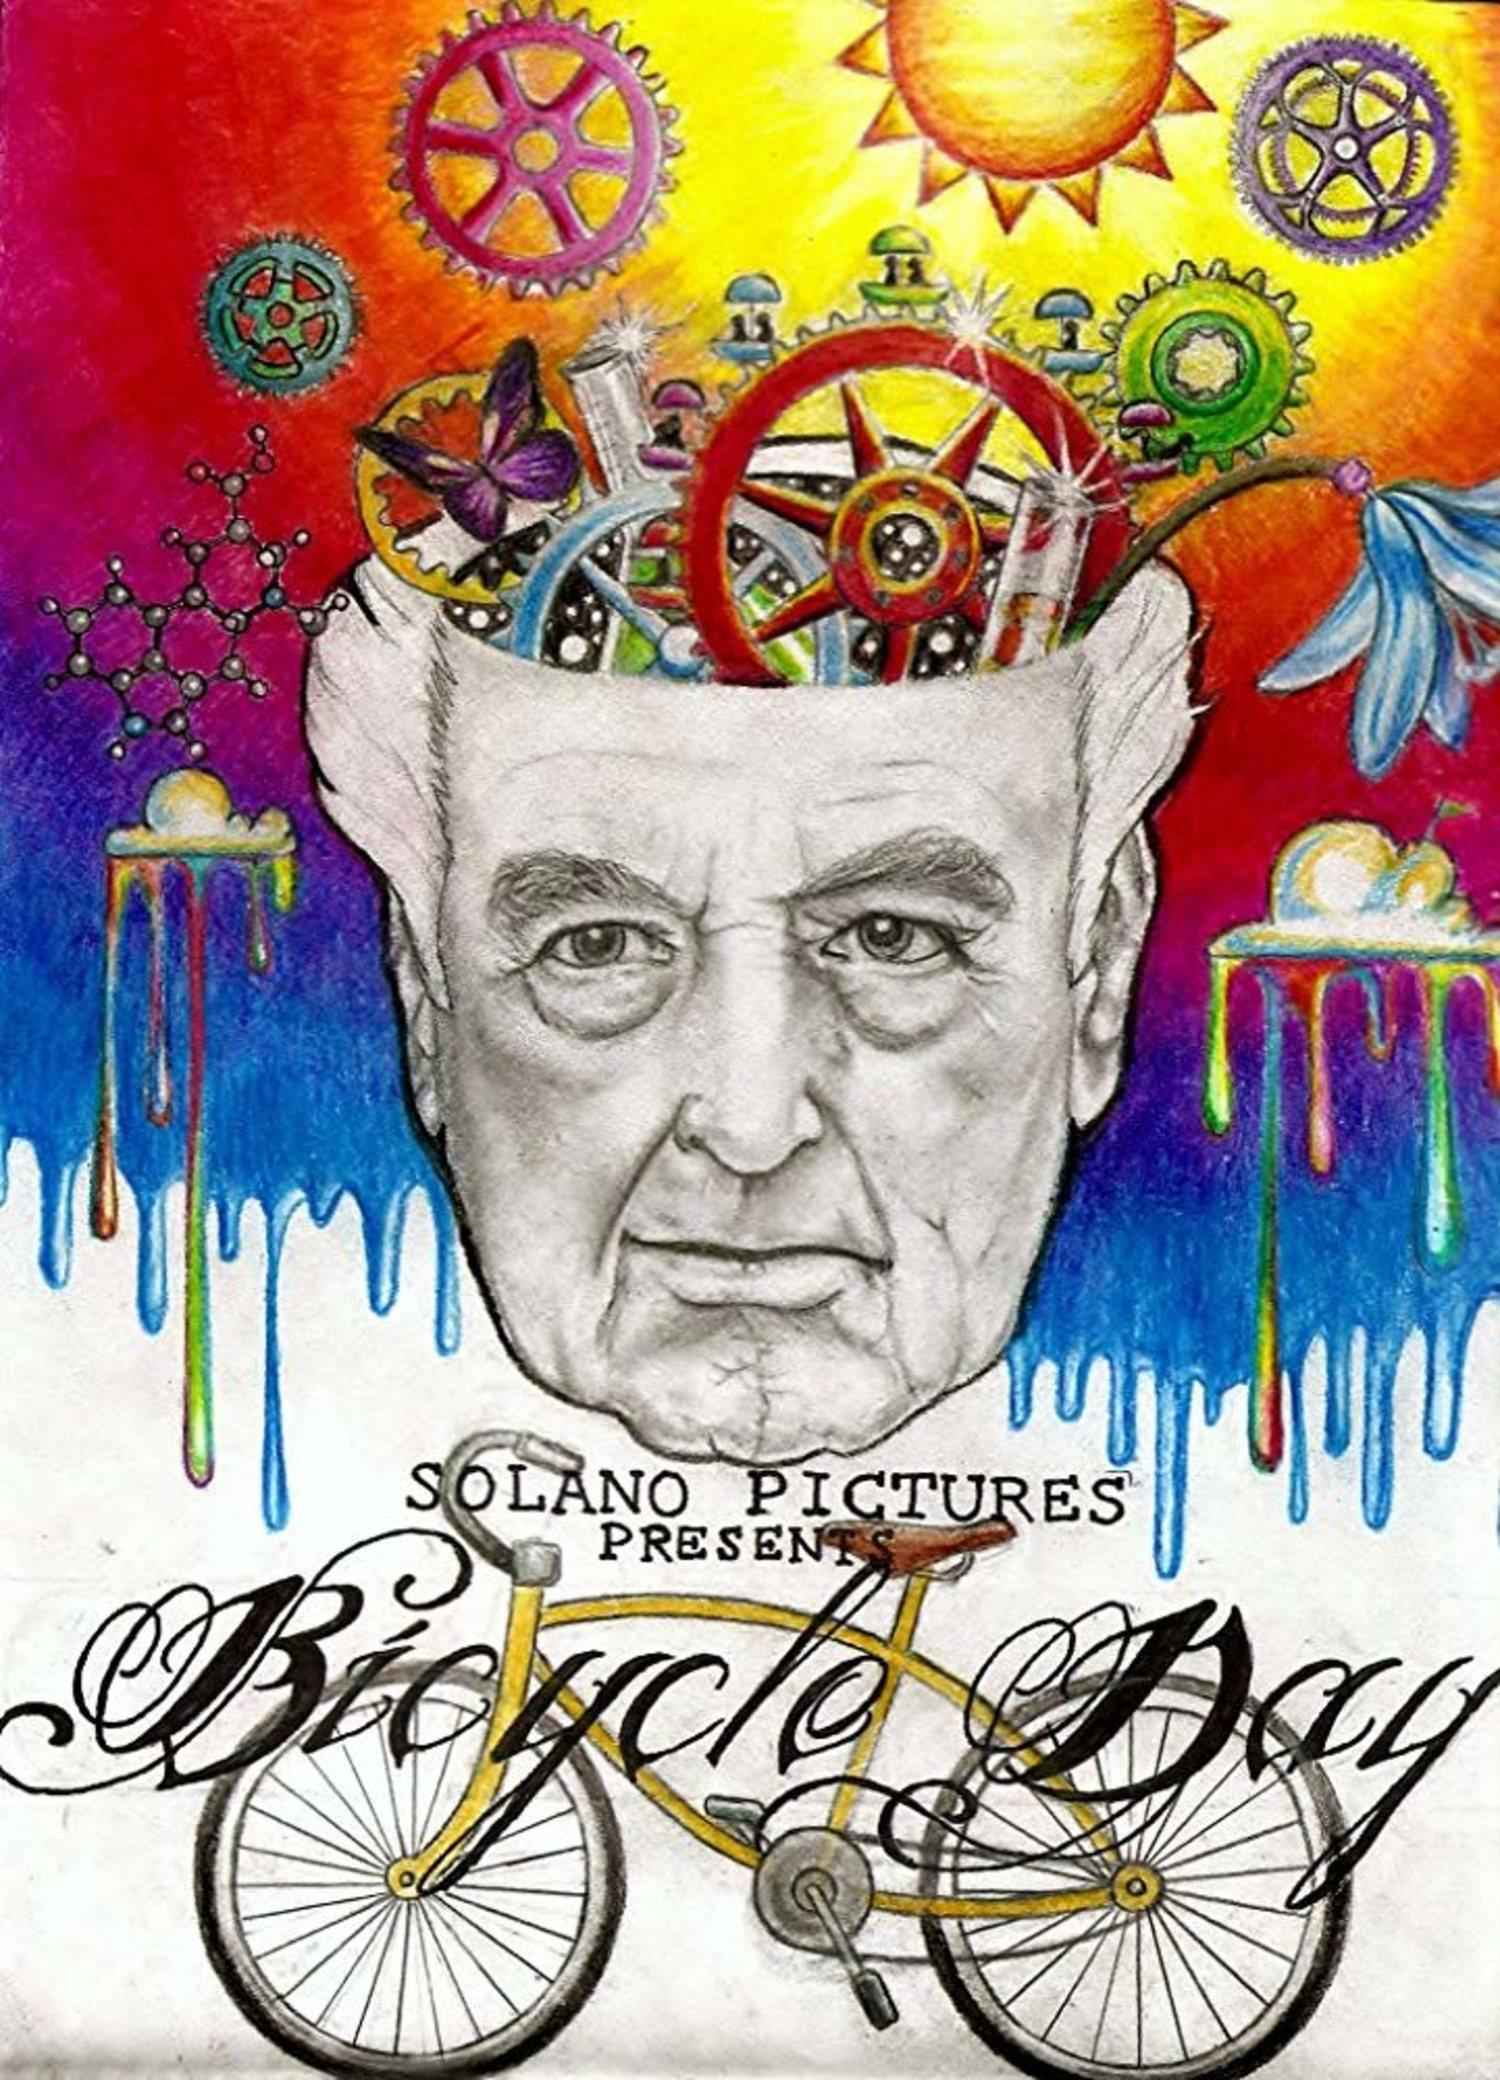 En 2013 se estrenó 'Bicycle Day', una película que relata el descubrimiento de Hofmann.